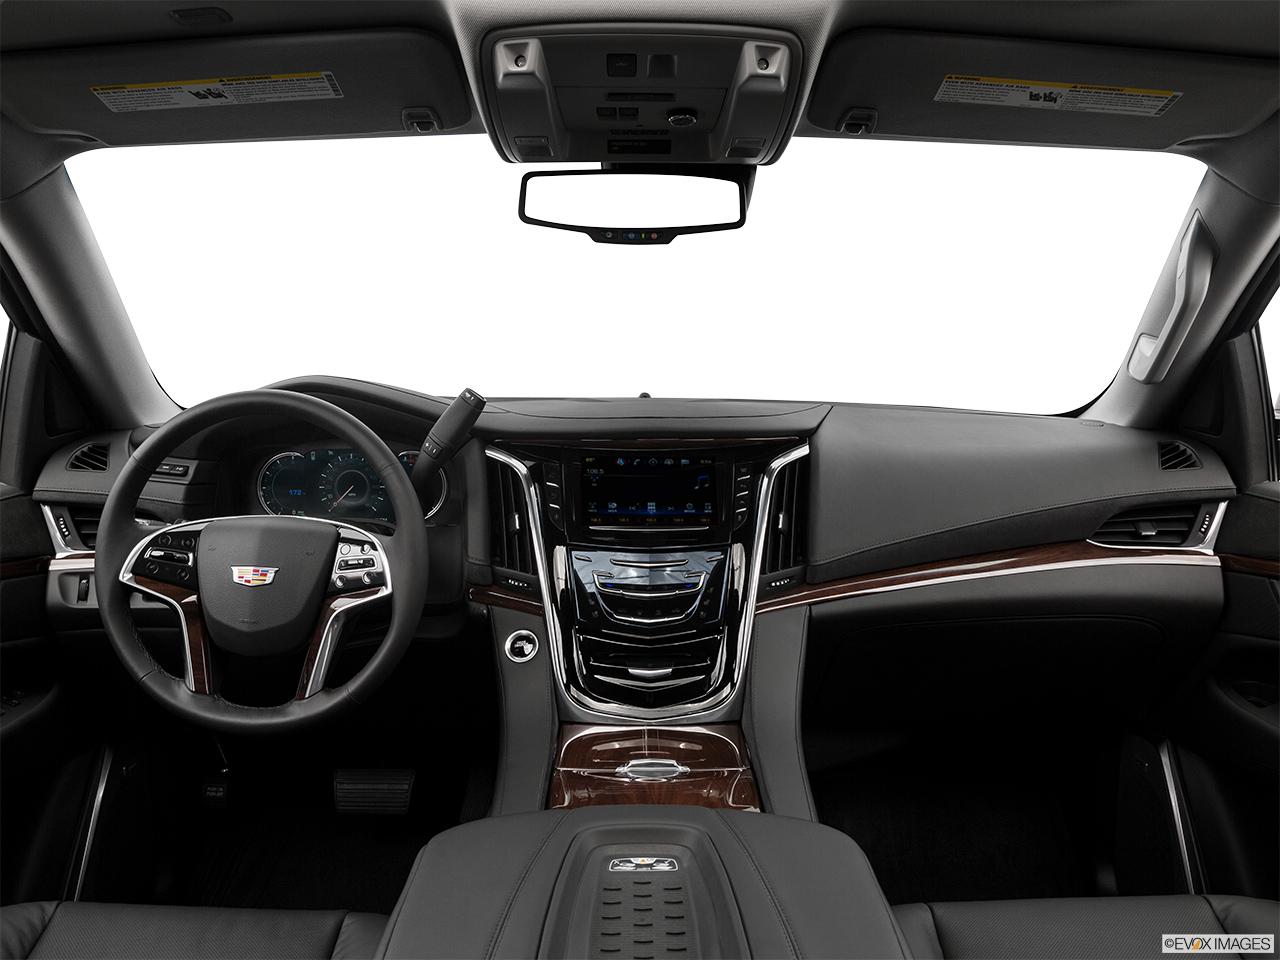 cadillac escalade 2017 esv premium luxury in uae new car. Black Bedroom Furniture Sets. Home Design Ideas